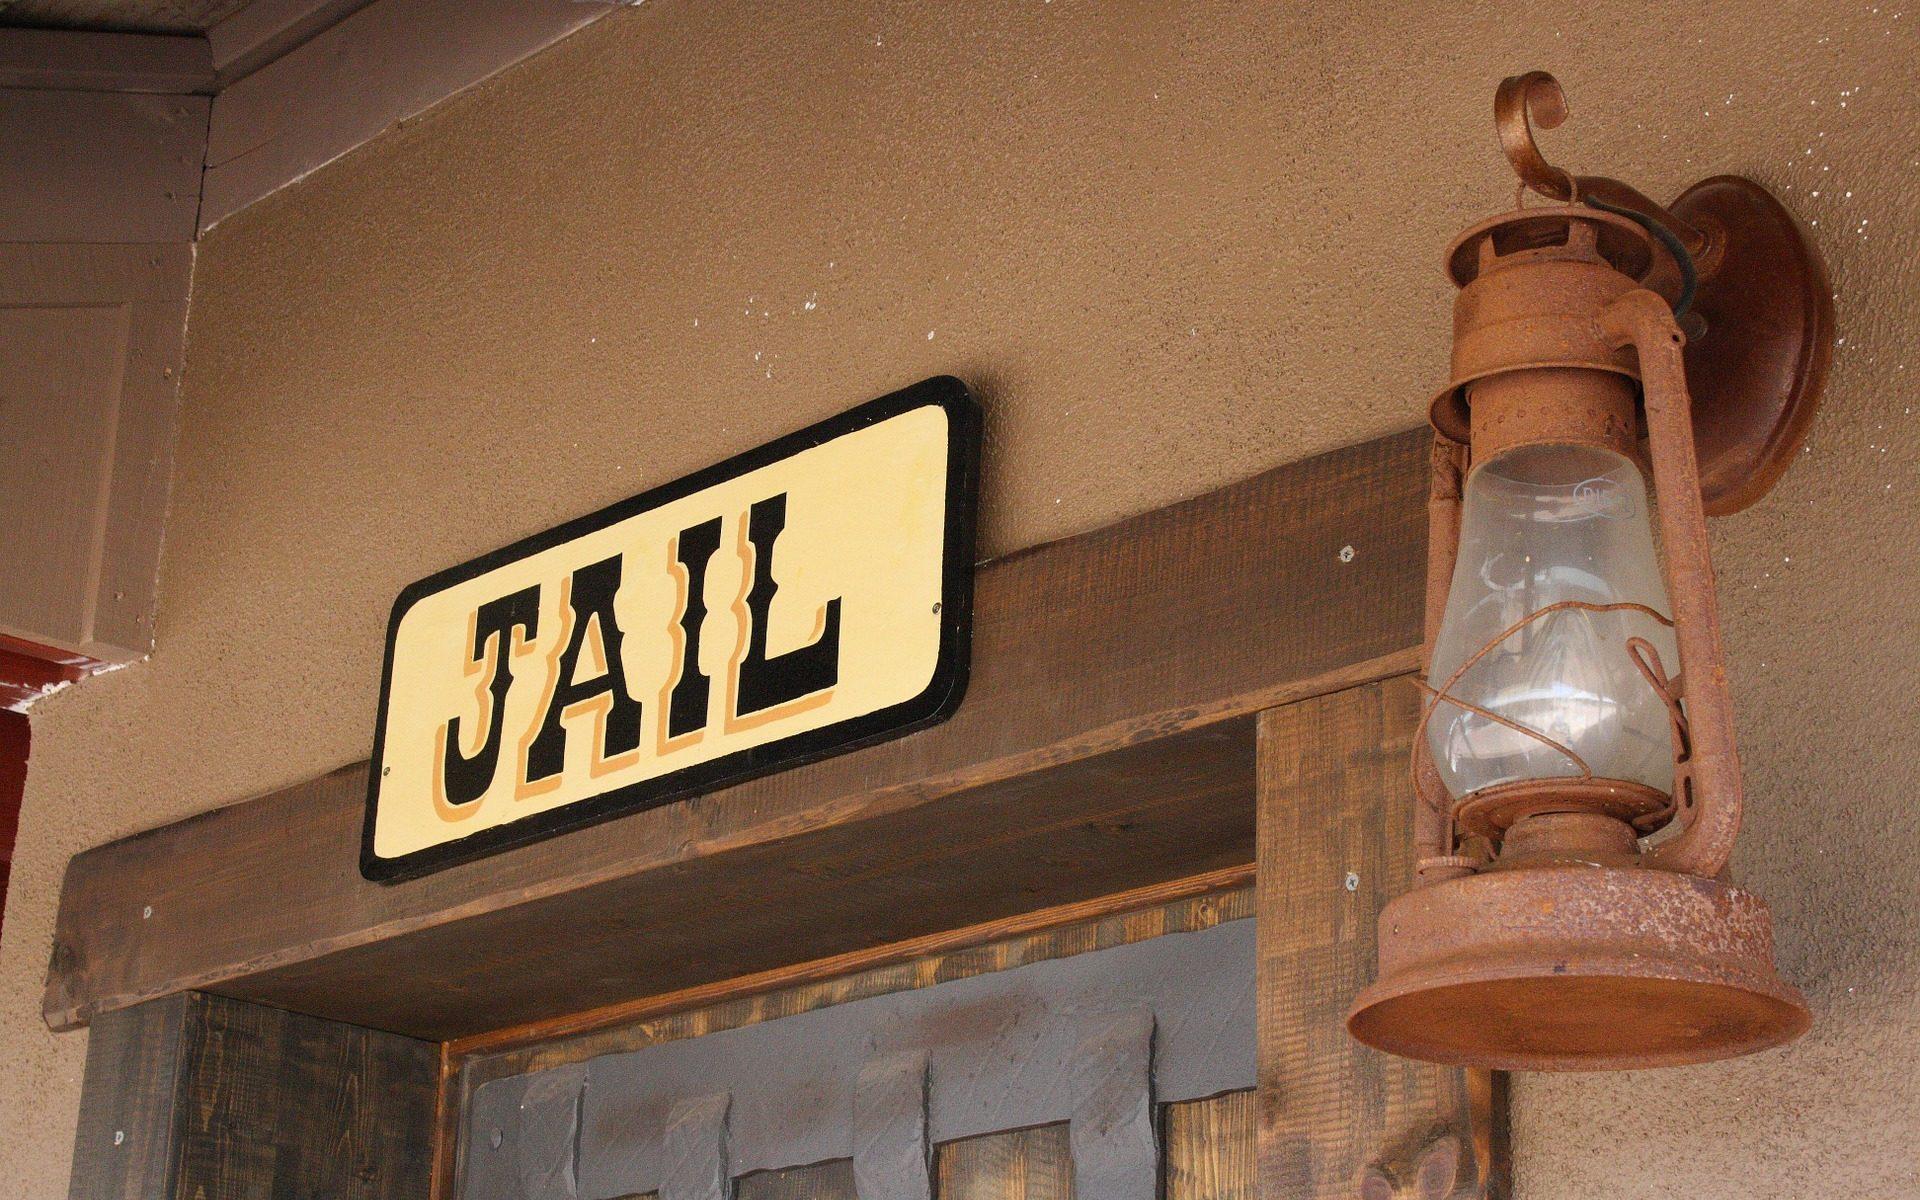 gefaengnis jail 1920x1200 - USA: Bisbee, Arizona - Ein romantisches altes Minen-Städtchen